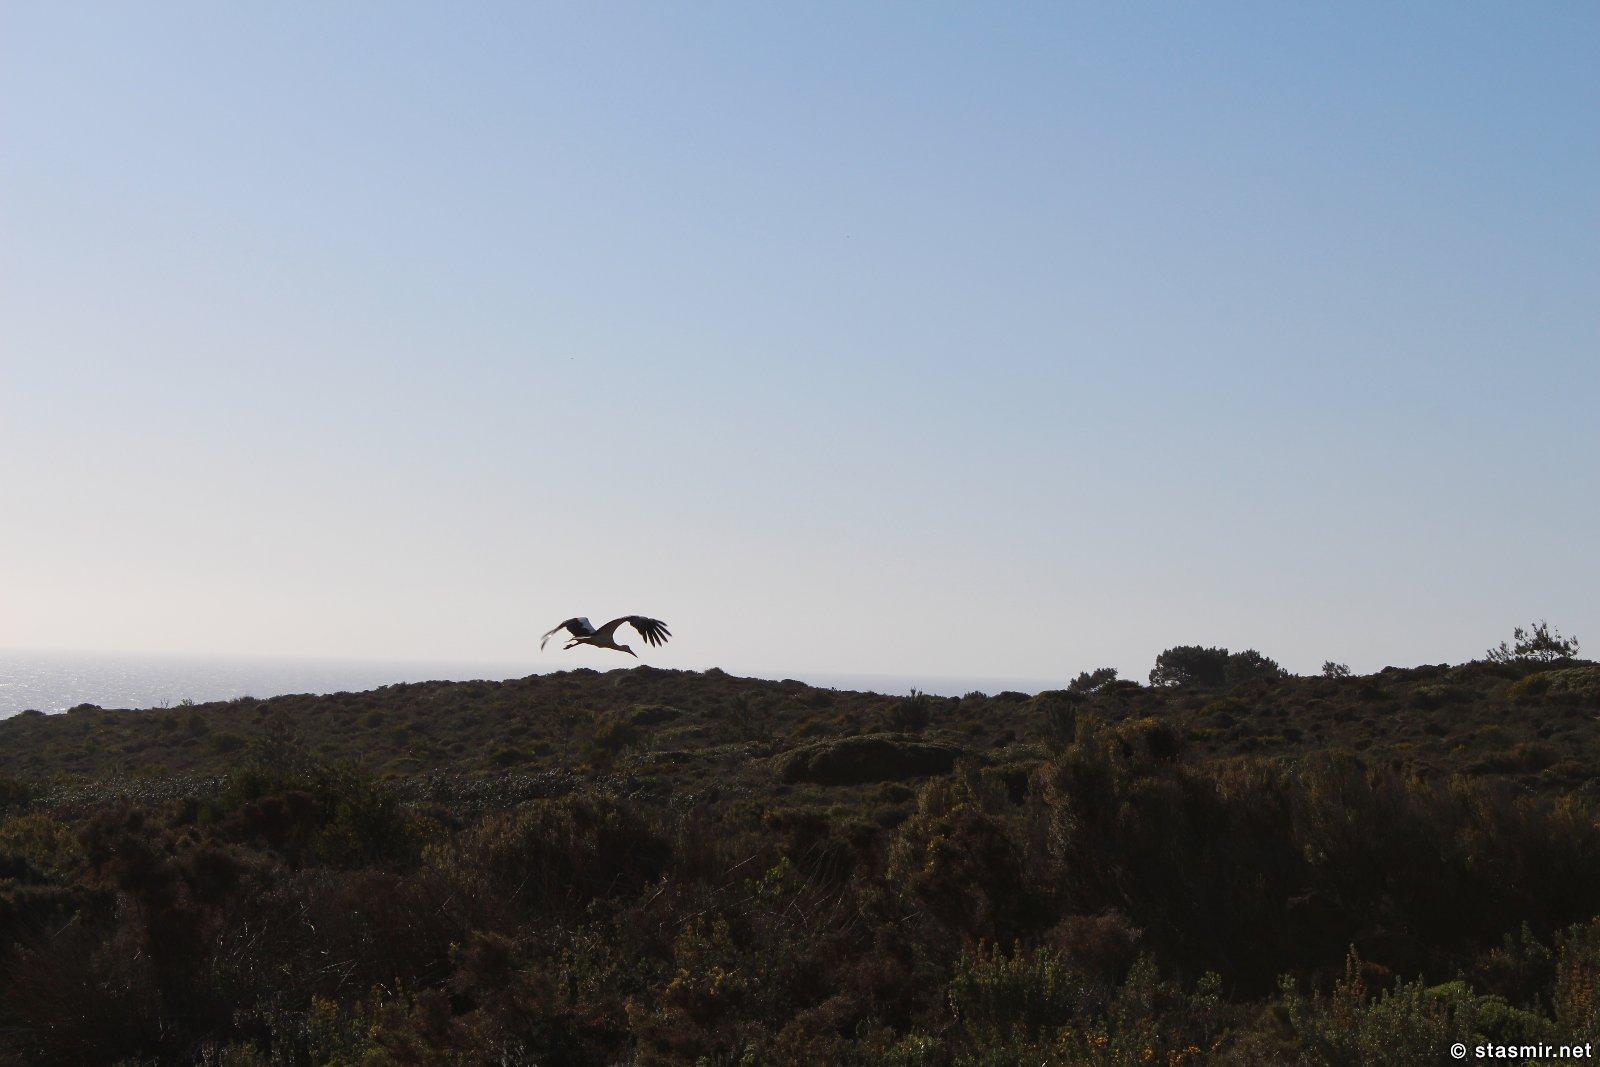 журавль в Португалии, фото Стасмир, Photo Stasmir